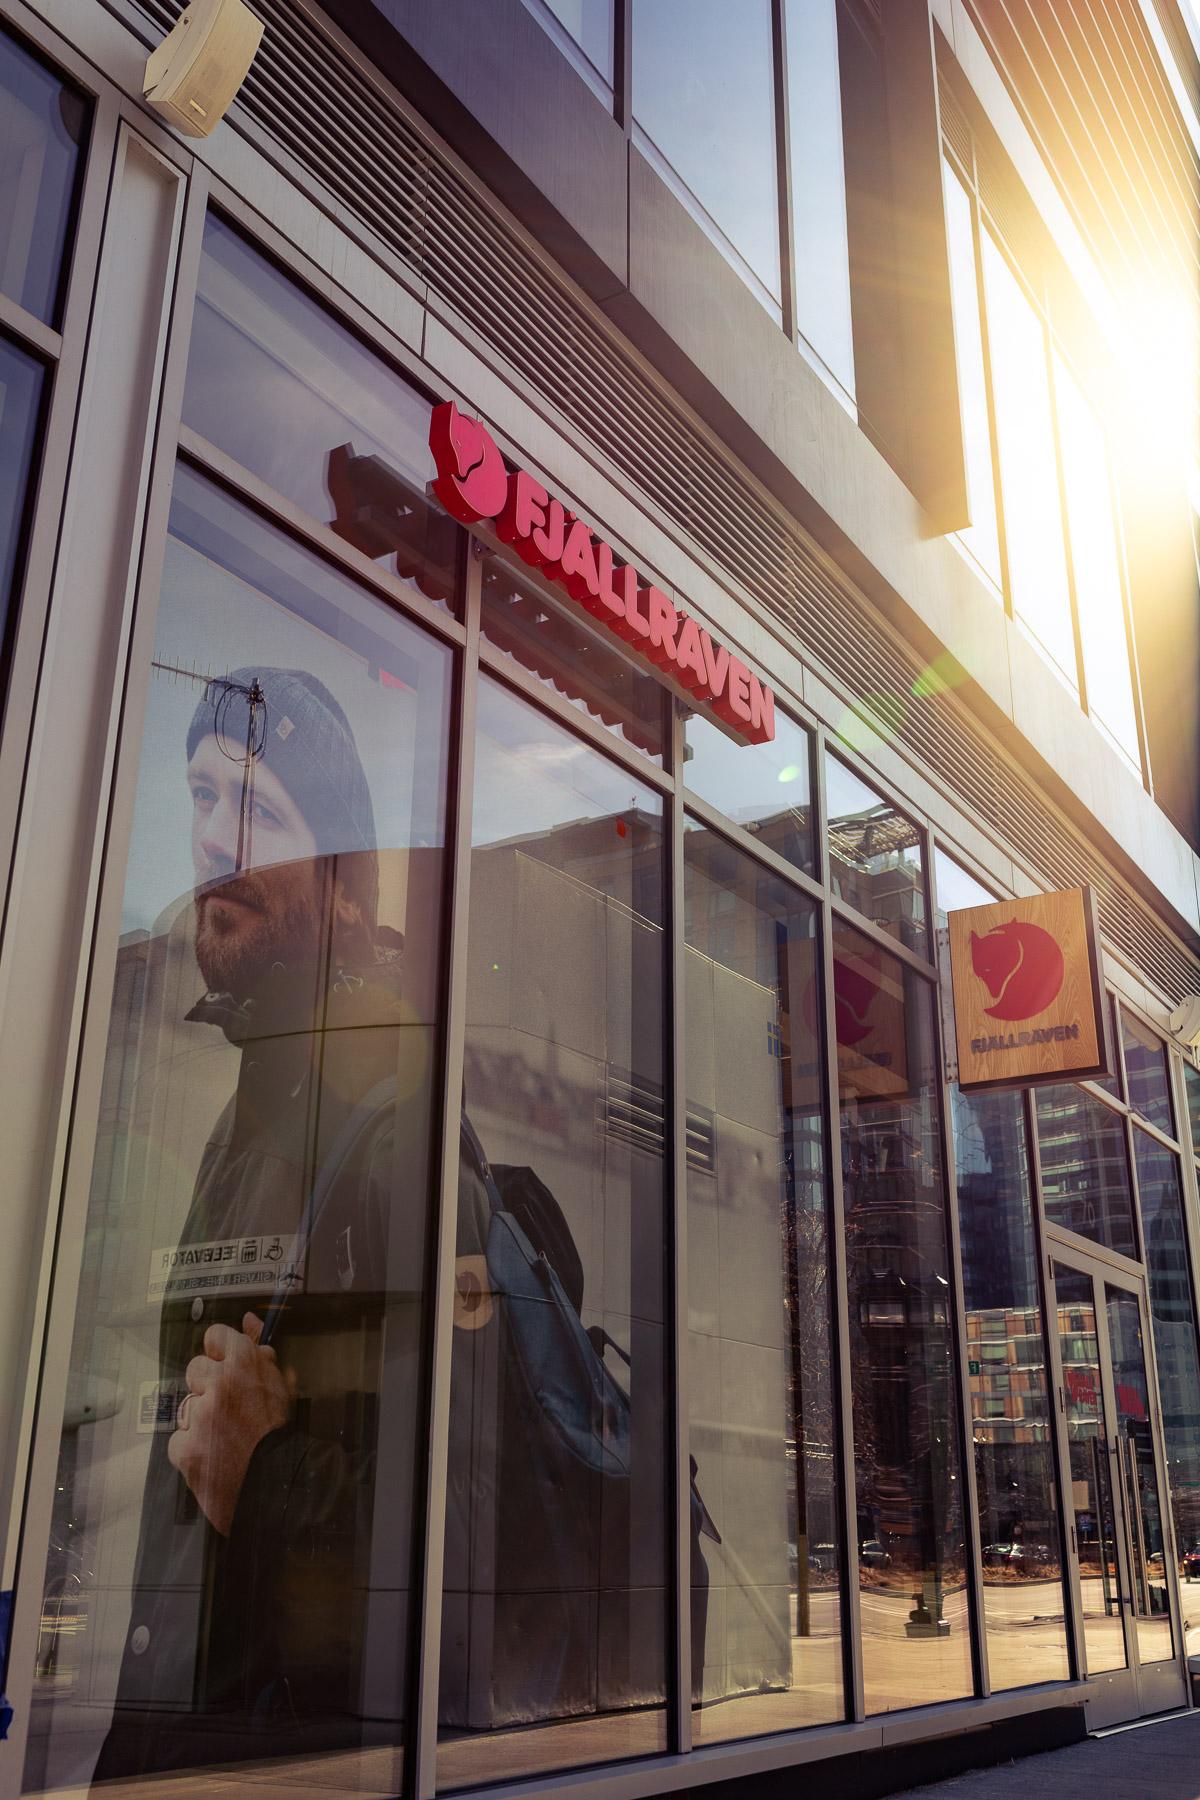 Fjallraven retailer in Boston, Massachusetts Store pic 1